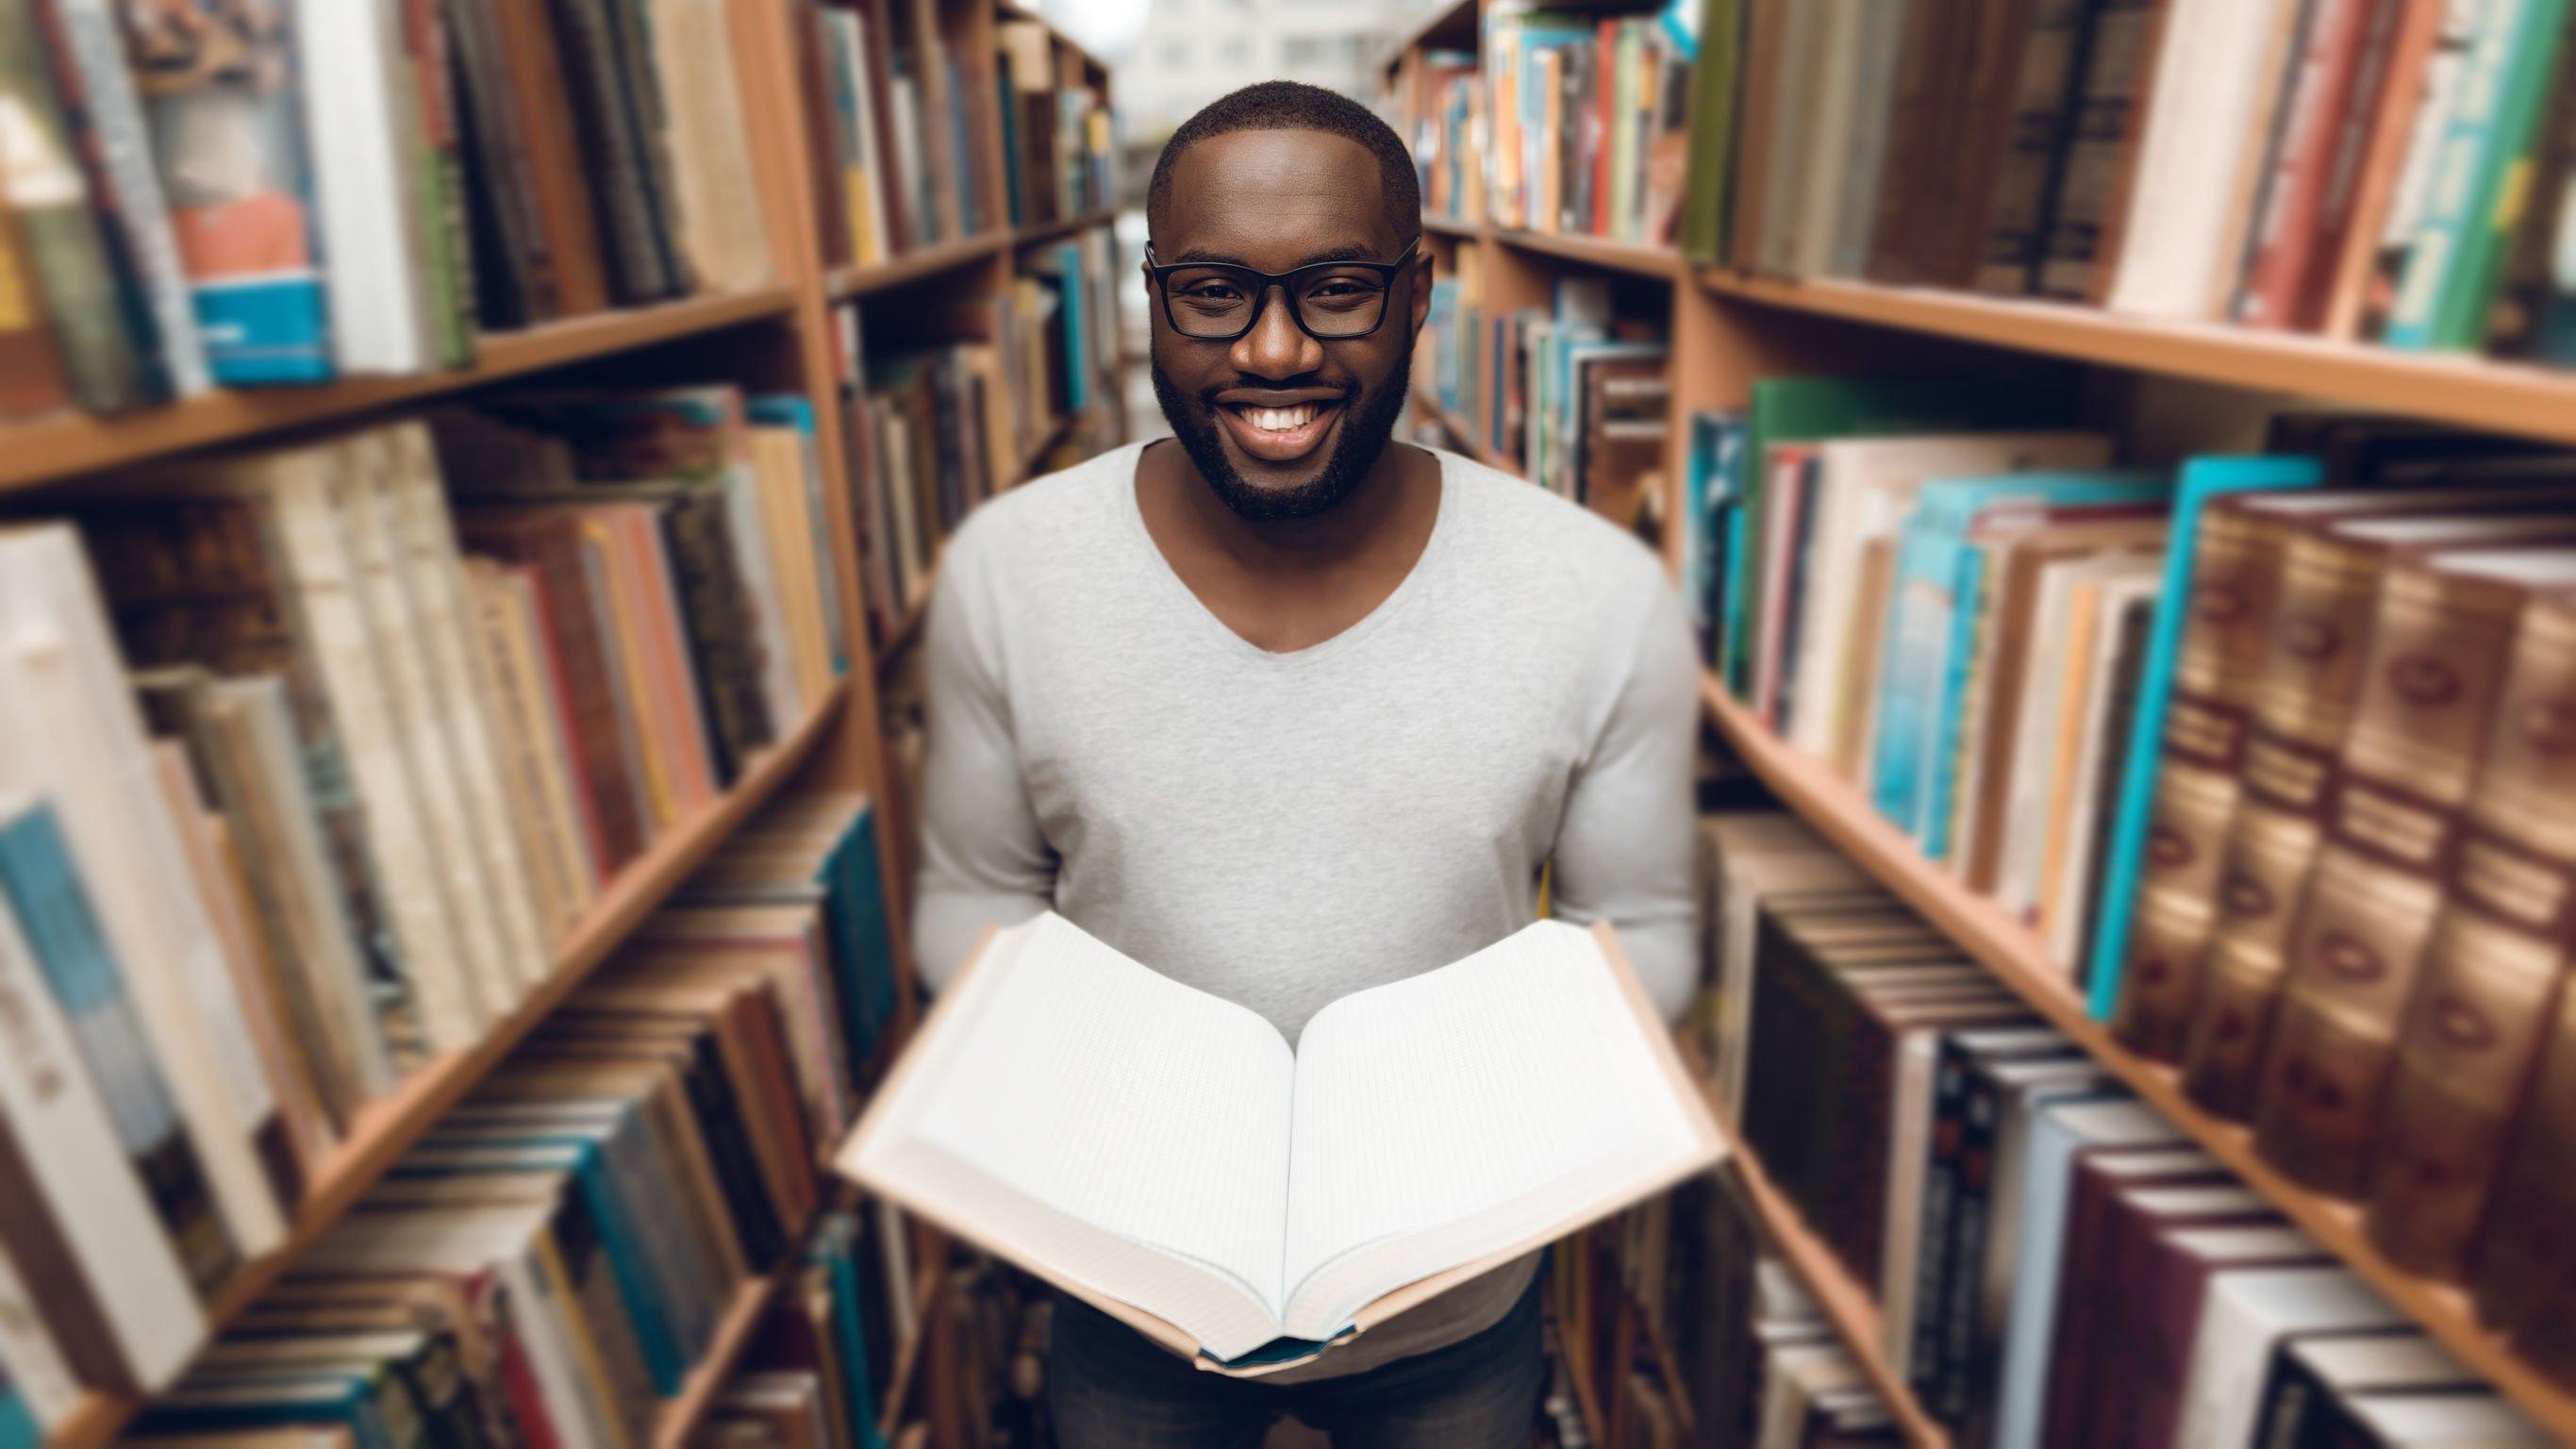 Homem segurando um livro aberto entre prateleiras de biblioteca.